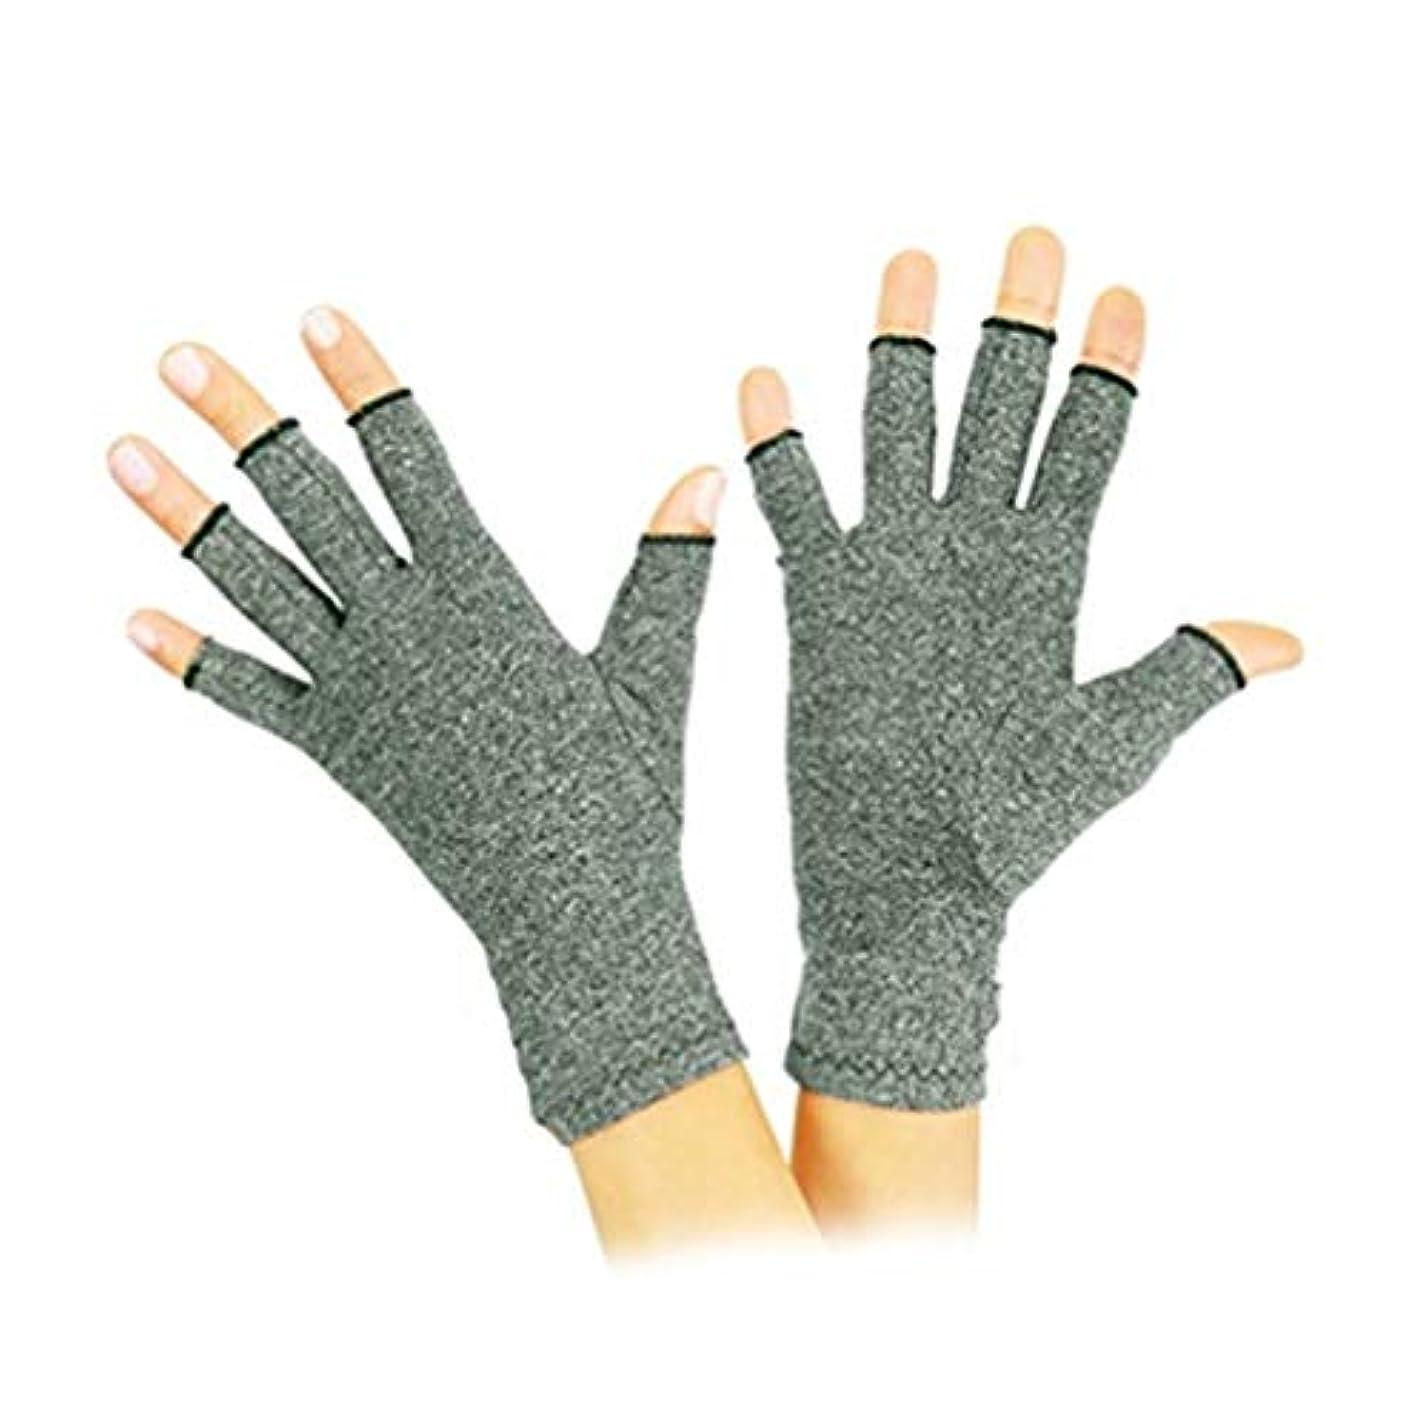 極めて重要な逆さまにハミングバード関節リウマチリウマチ性変形性関節症用手袋圧縮手袋コンピュータ入力用痛み緩和